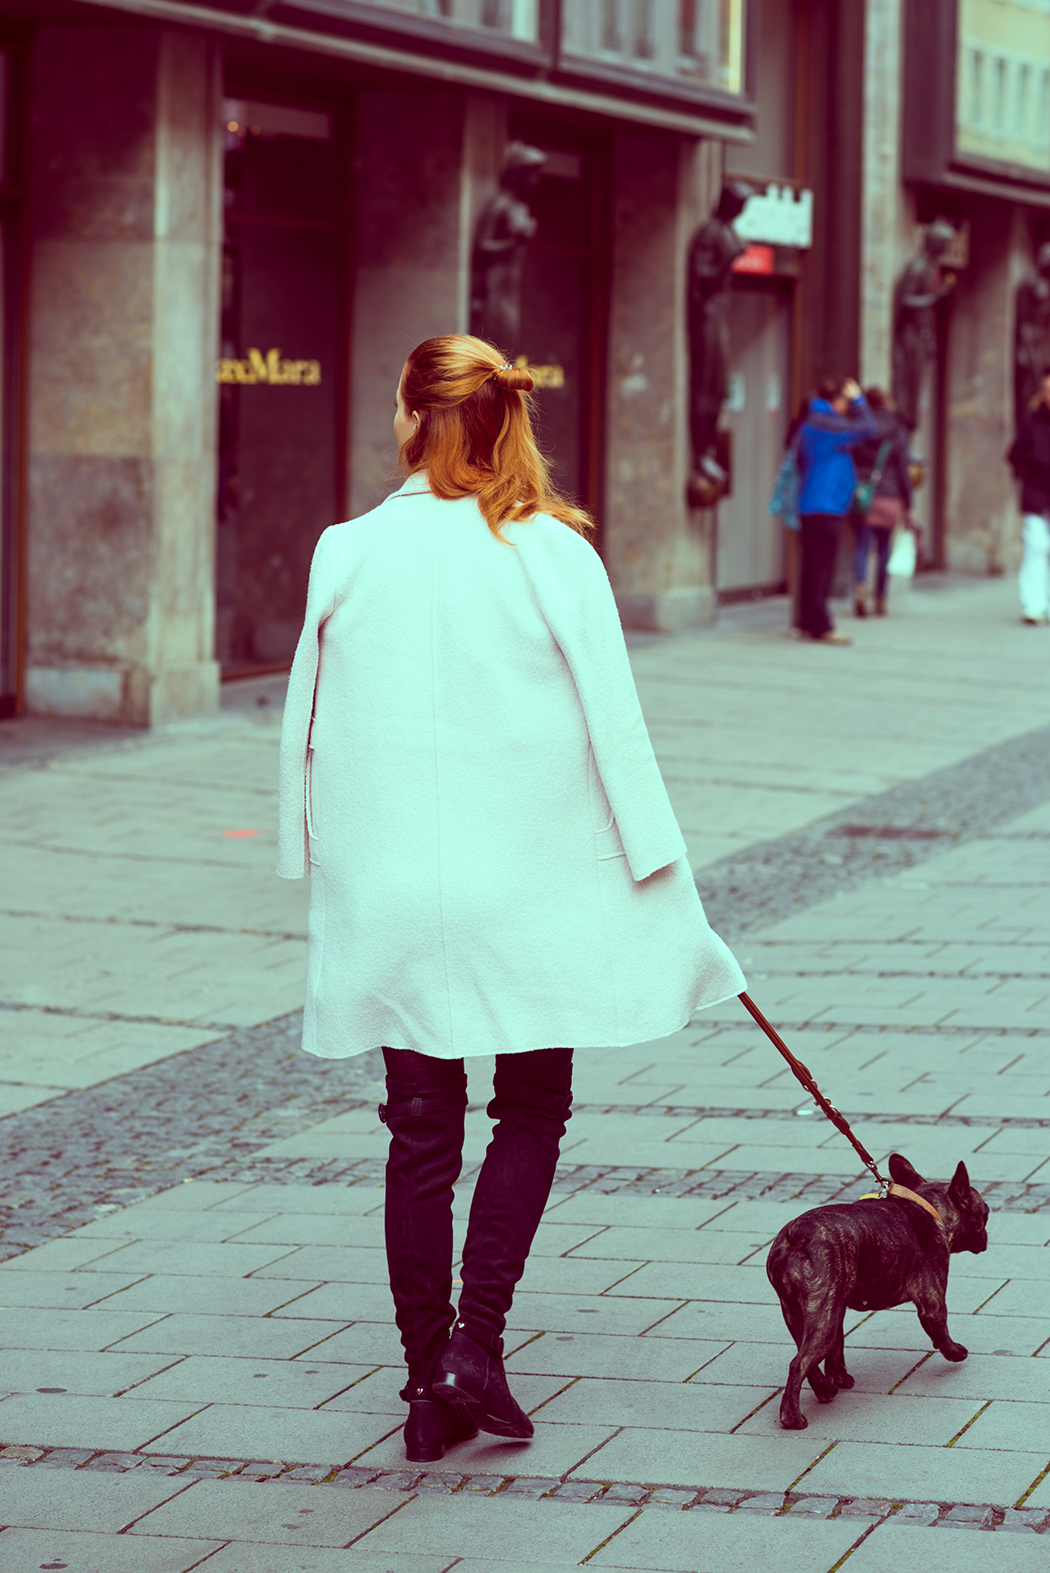 Fashionblog-Fashionblogger-Fashion-Blog-Blogger-Lifestyle-München-Deutschland-Munich-Germany-Nespresso-Pop-up-Lindarella-1